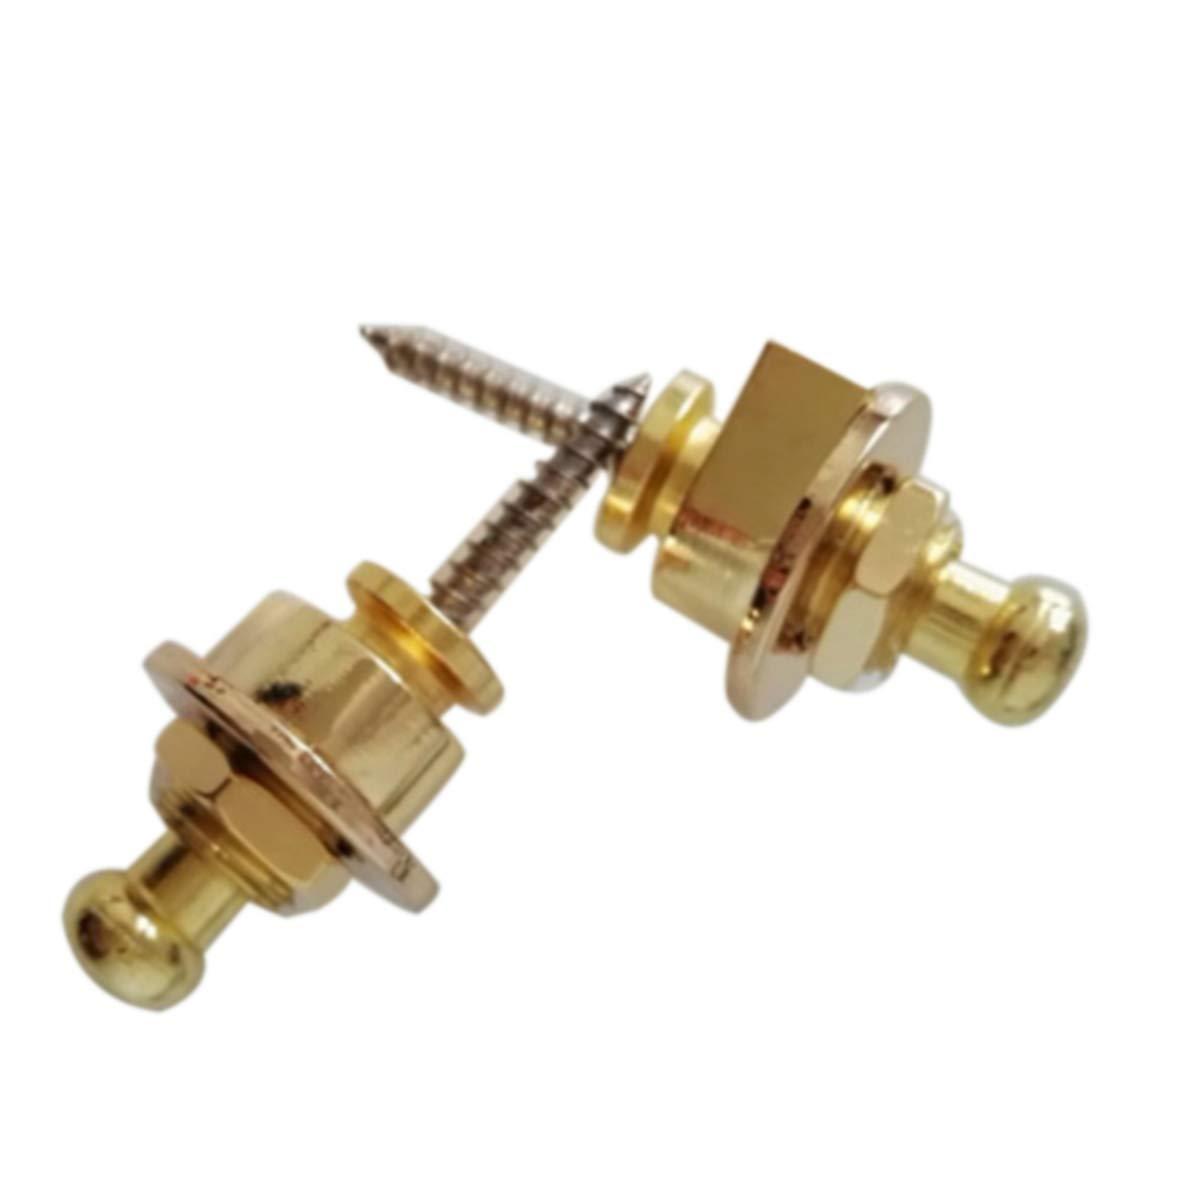 de oro SUPVOX Los botones de la correa de la guitarra de la aleaci/ón del cinc de la cabeza de las setas 2pcs bloquean las correas S